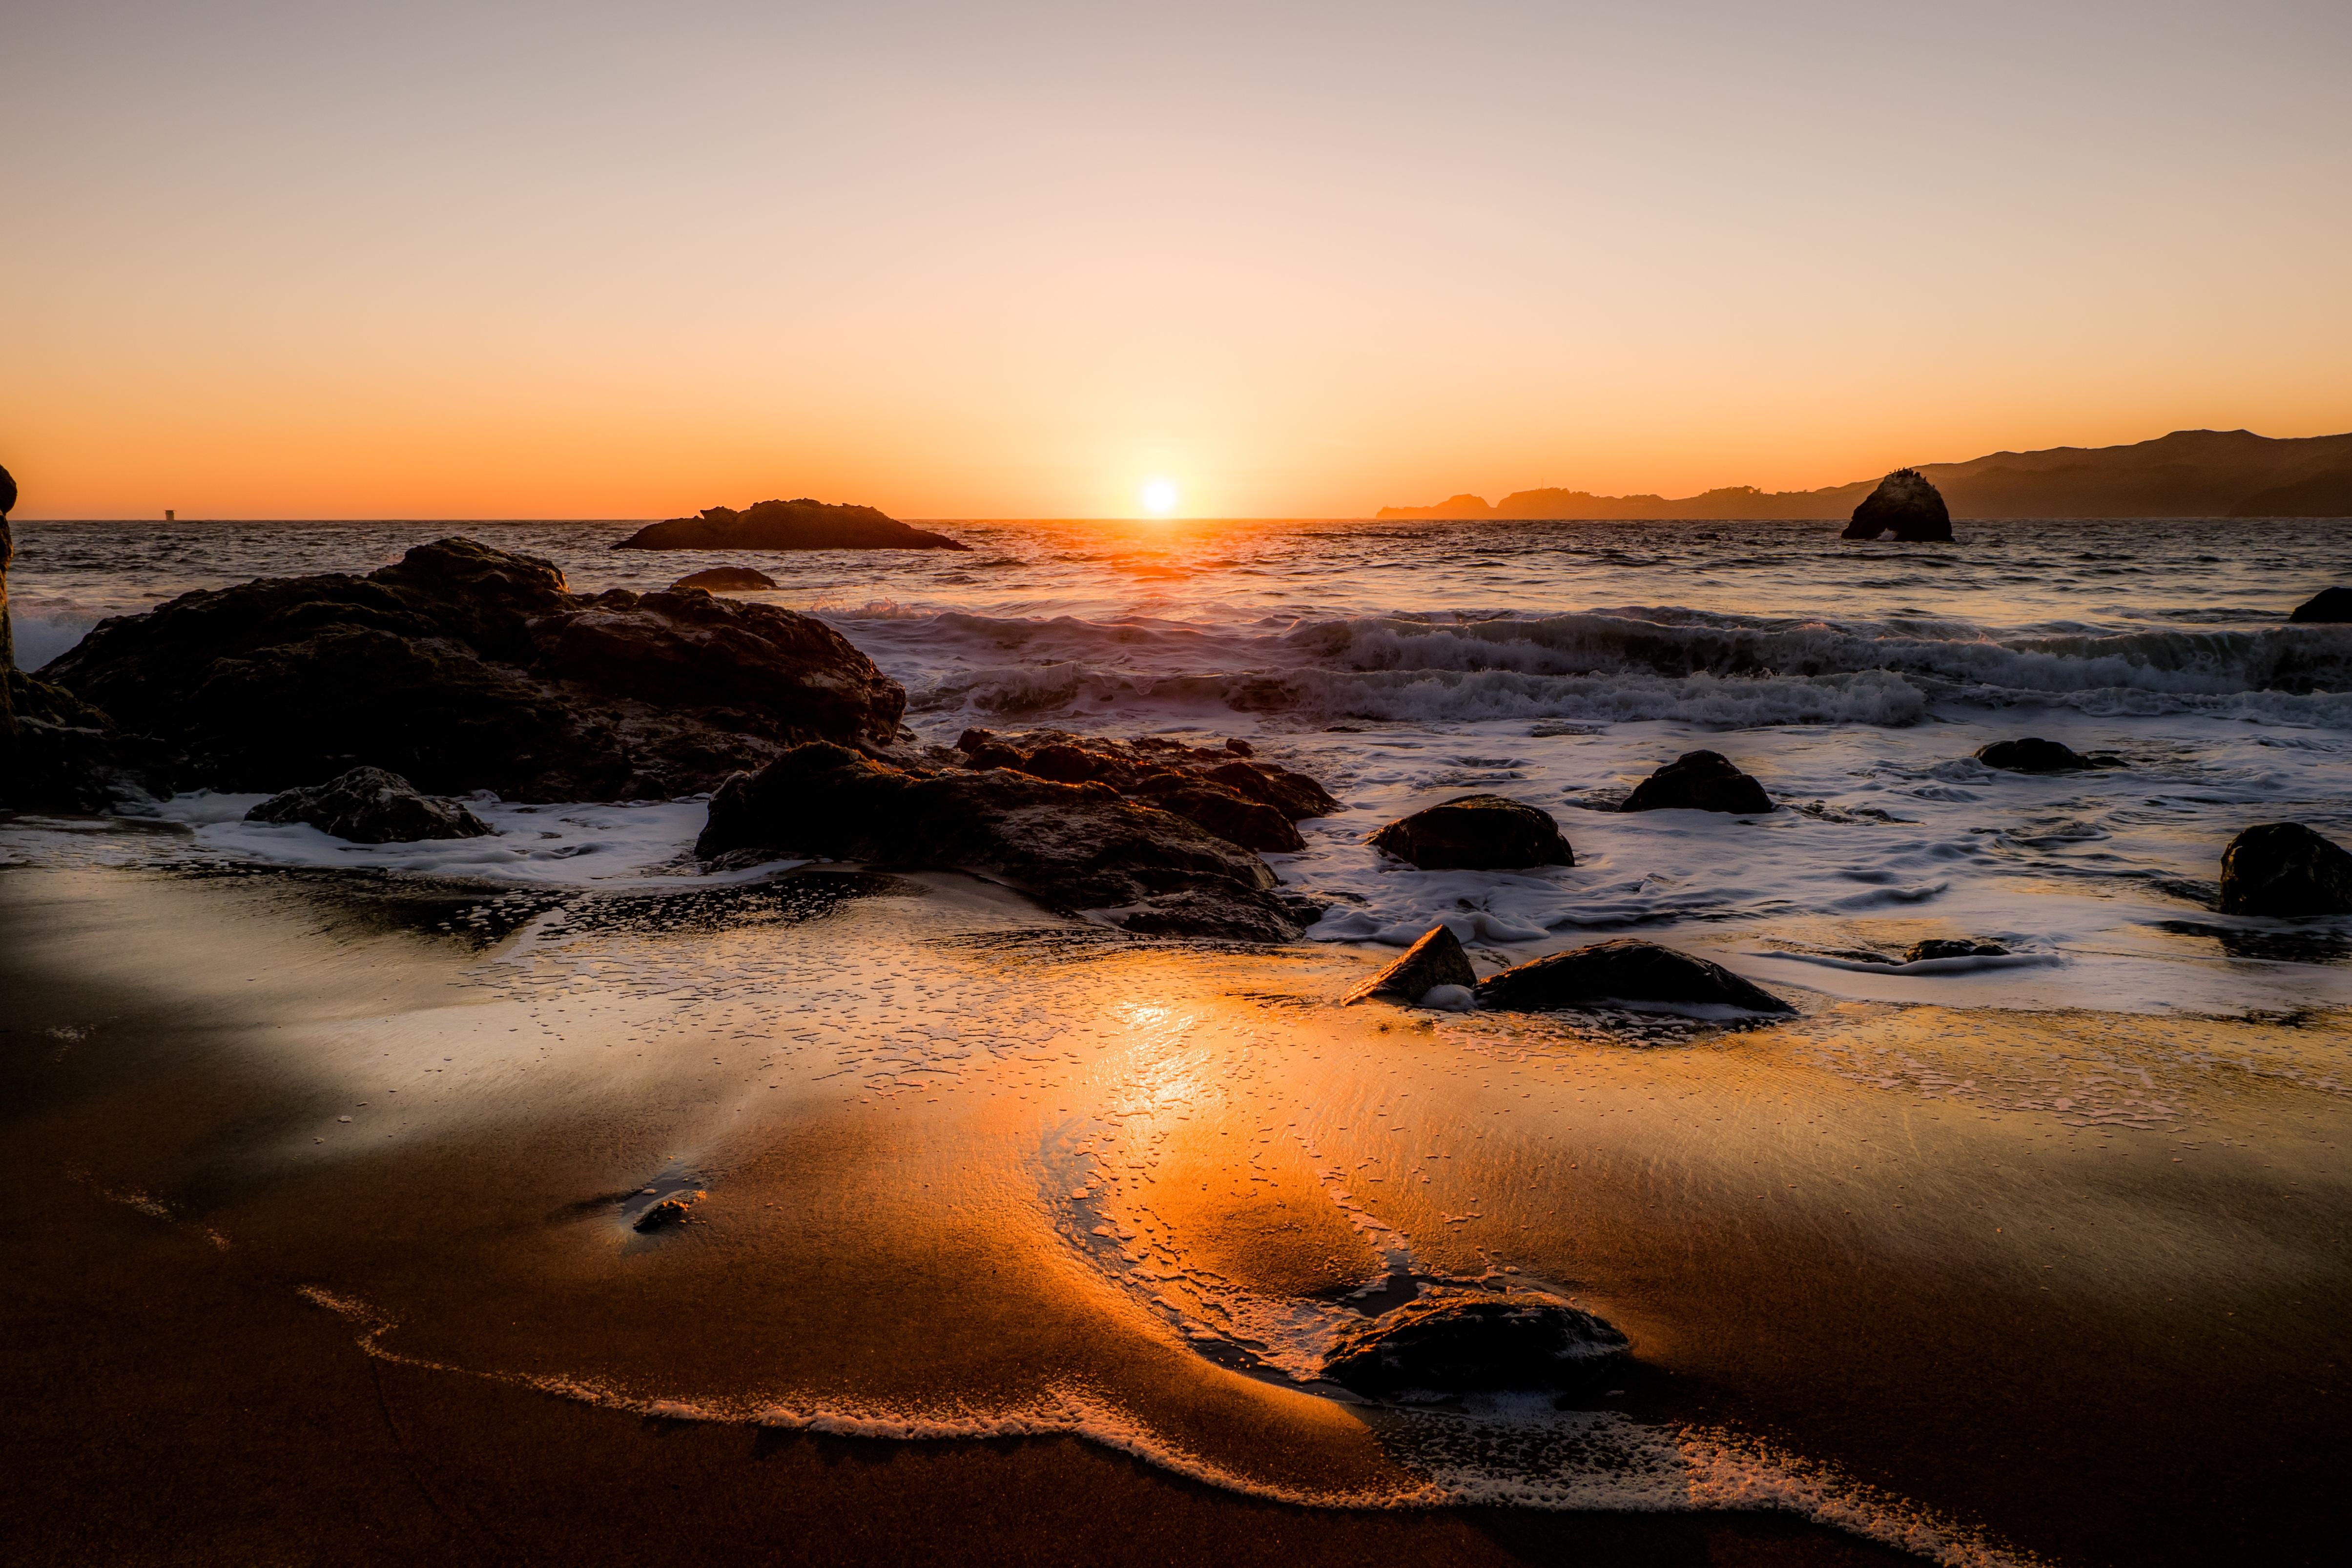 пляж берег закат живые картинки созданные